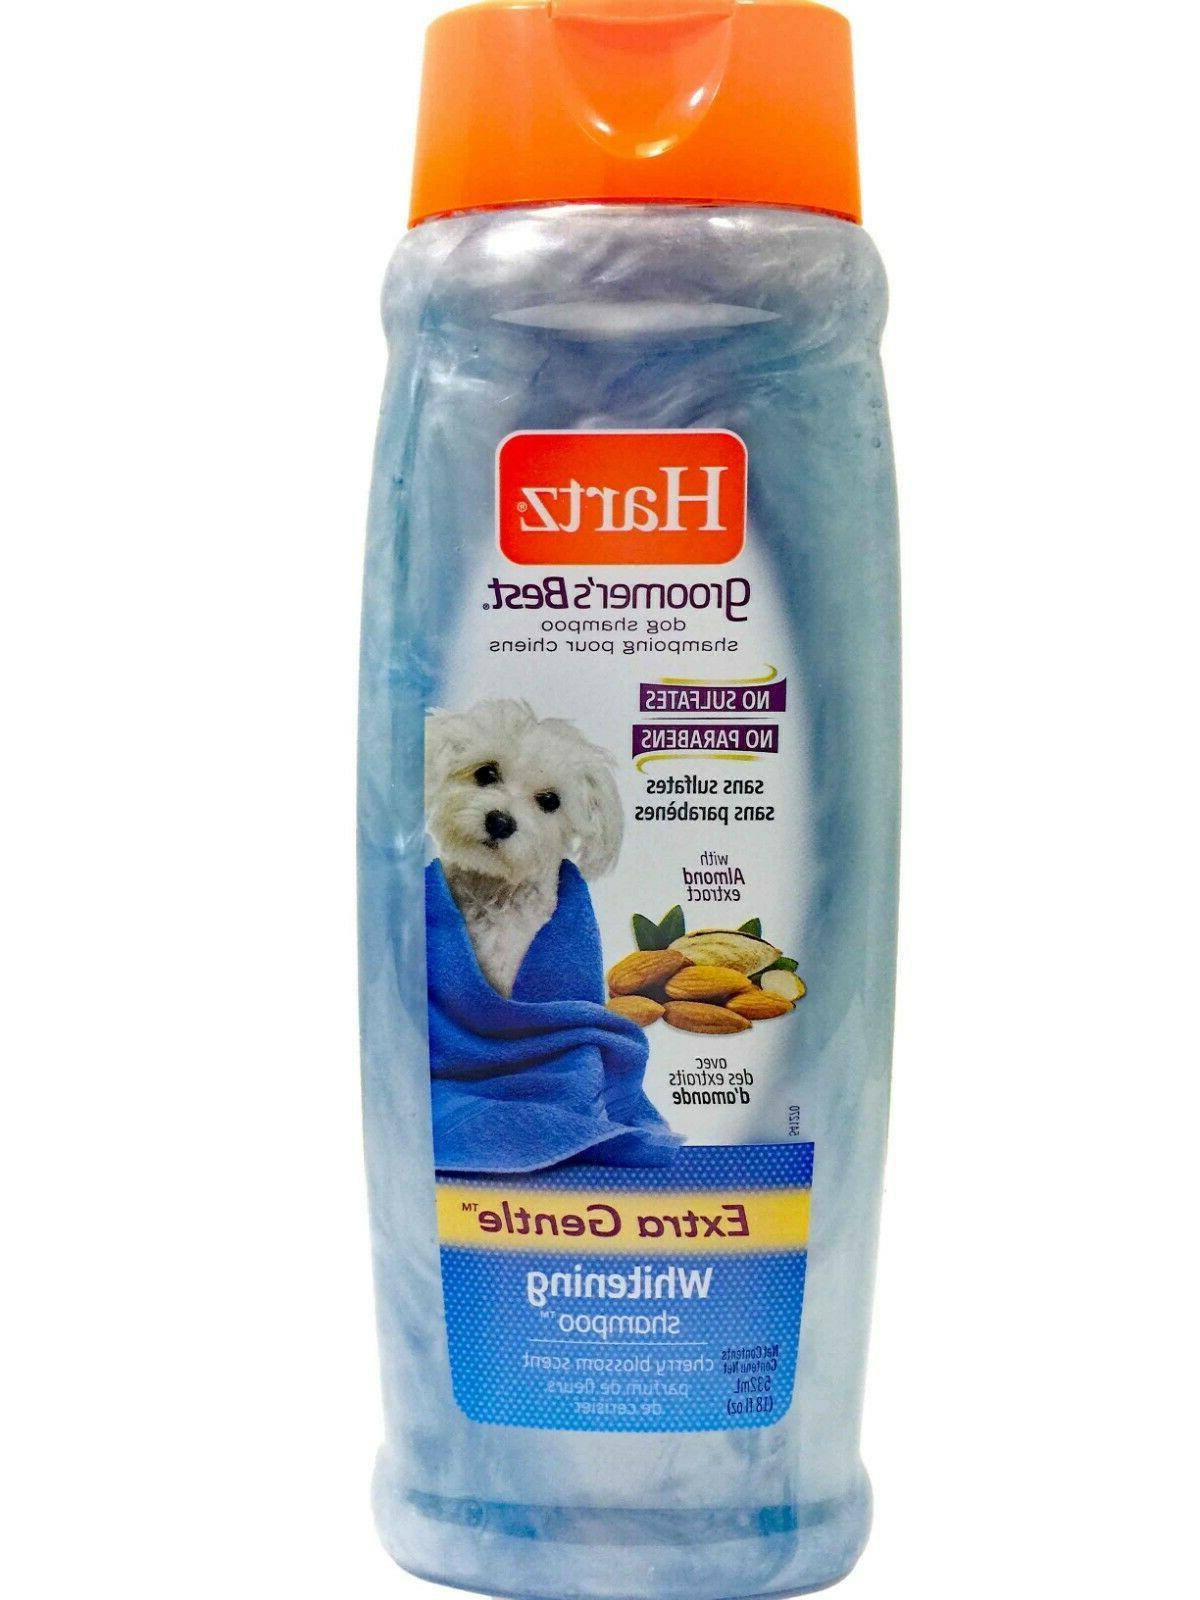 HARTZ - Groomer's Best Whitening Dog Shampoo - 18 fl. oz.